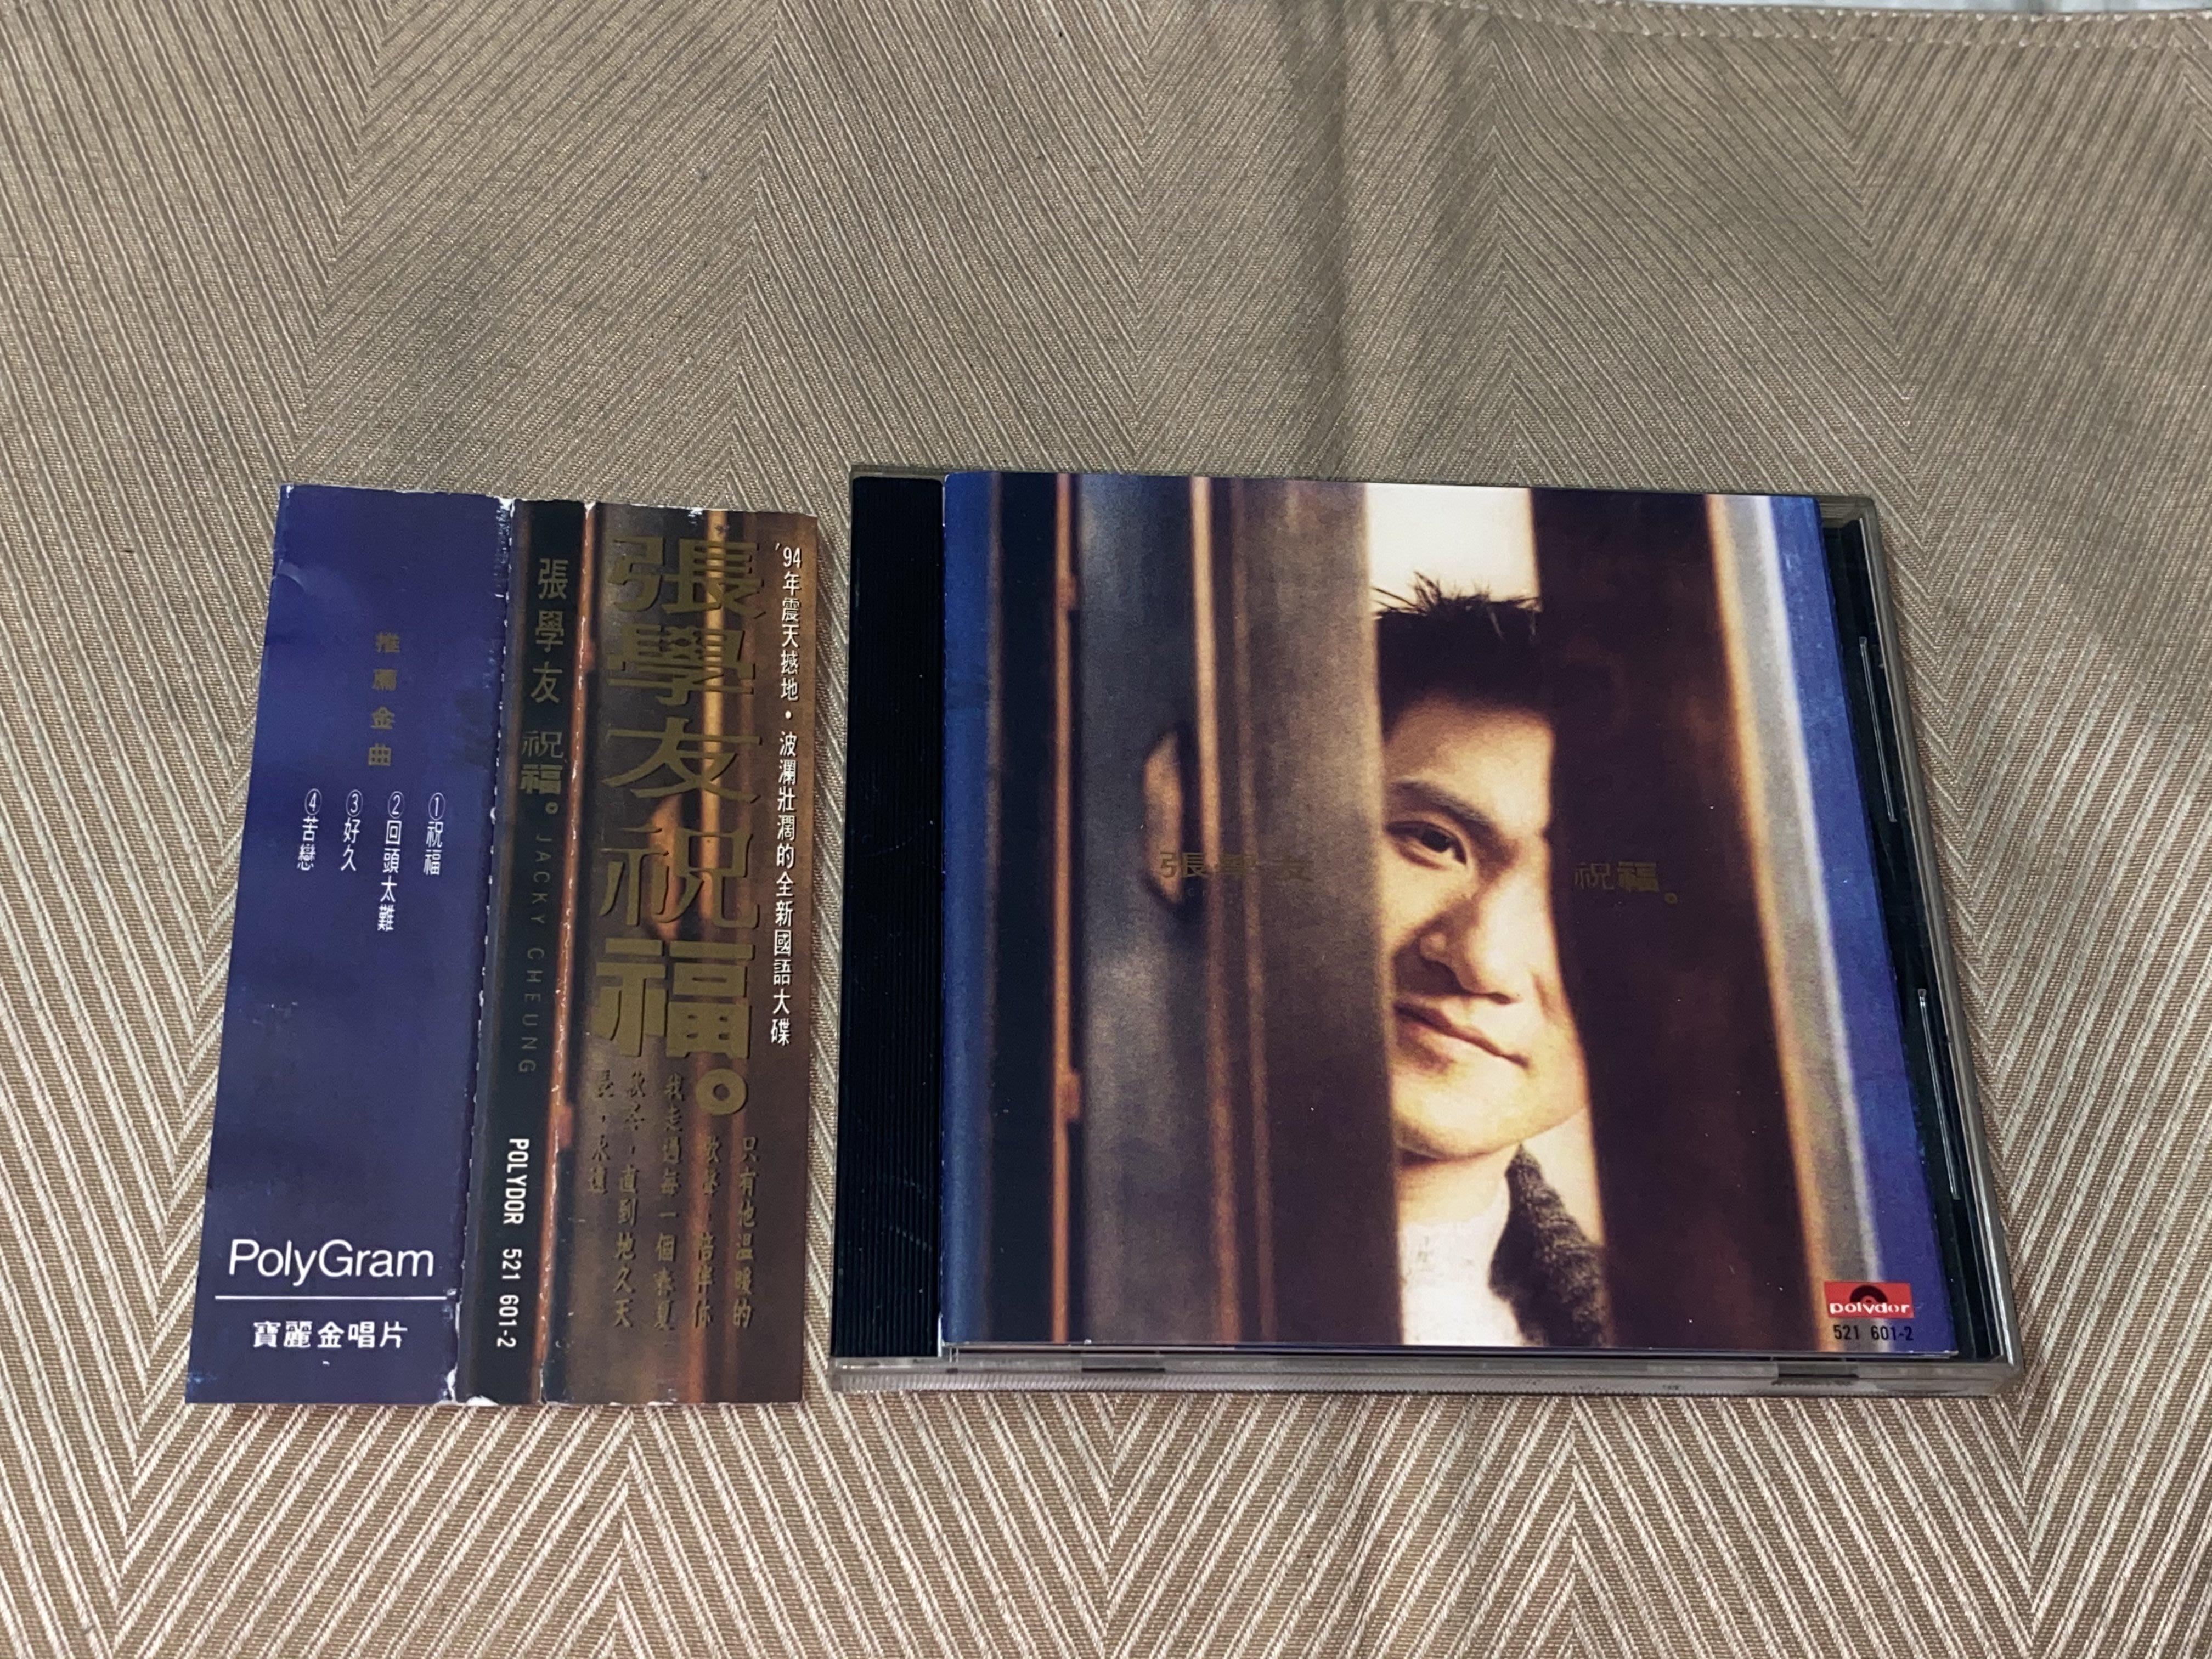 【李歐的音樂】有側標香港寶麗金1993 張學友 祝福 回頭太難 最後一封信  無IFPI CD